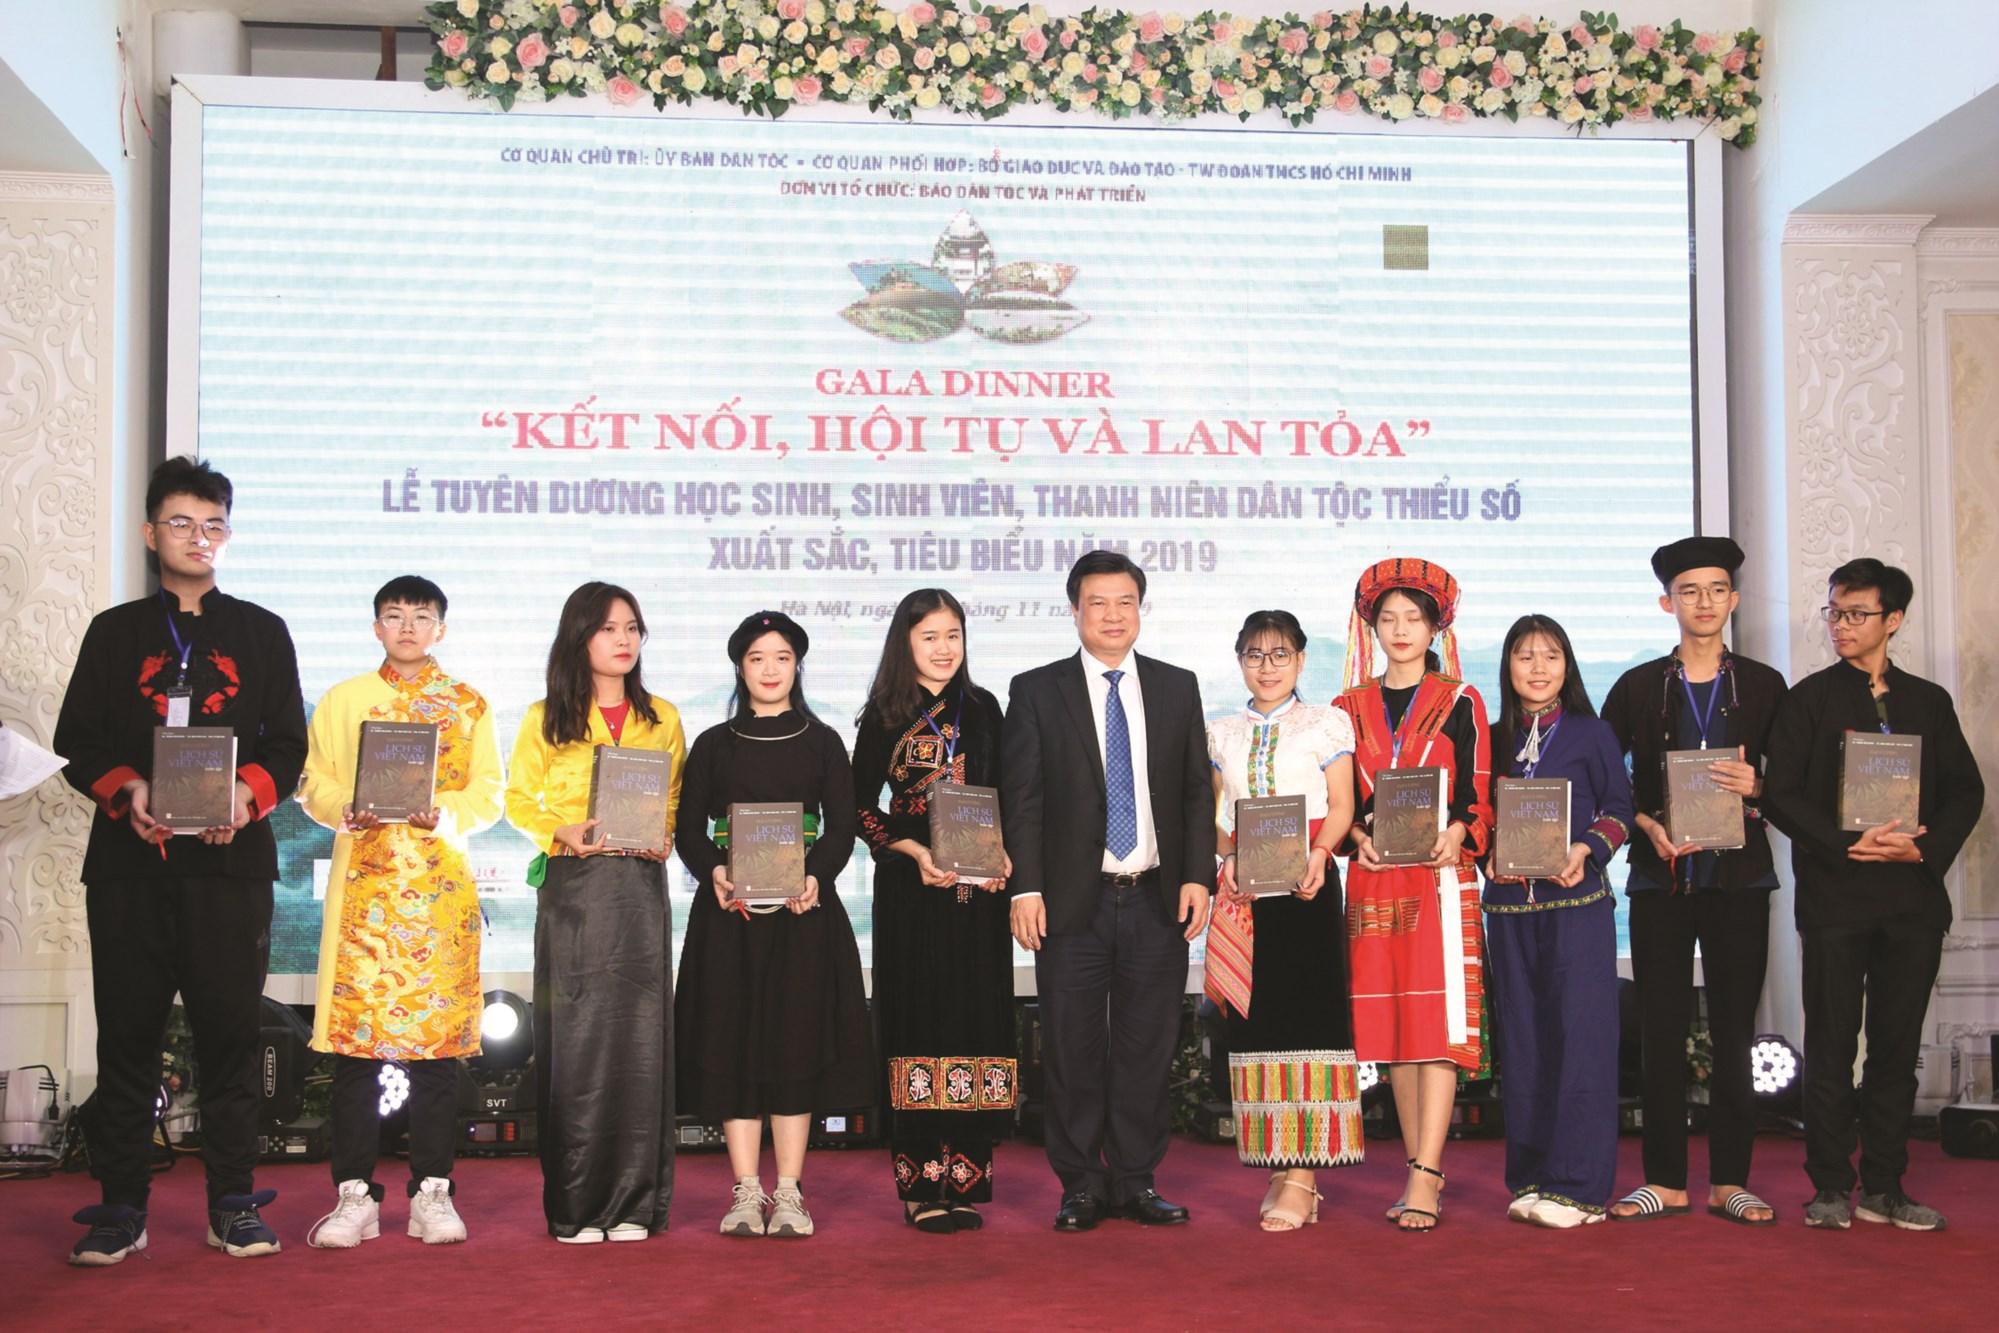 Thứ trưởng Bộ Giáo dục và Đào tạo Nguyễn Hữu Độ tặng quà của Bộ Giáo dục và Đào tạo cho các em học sinh, sinh viên DTTS